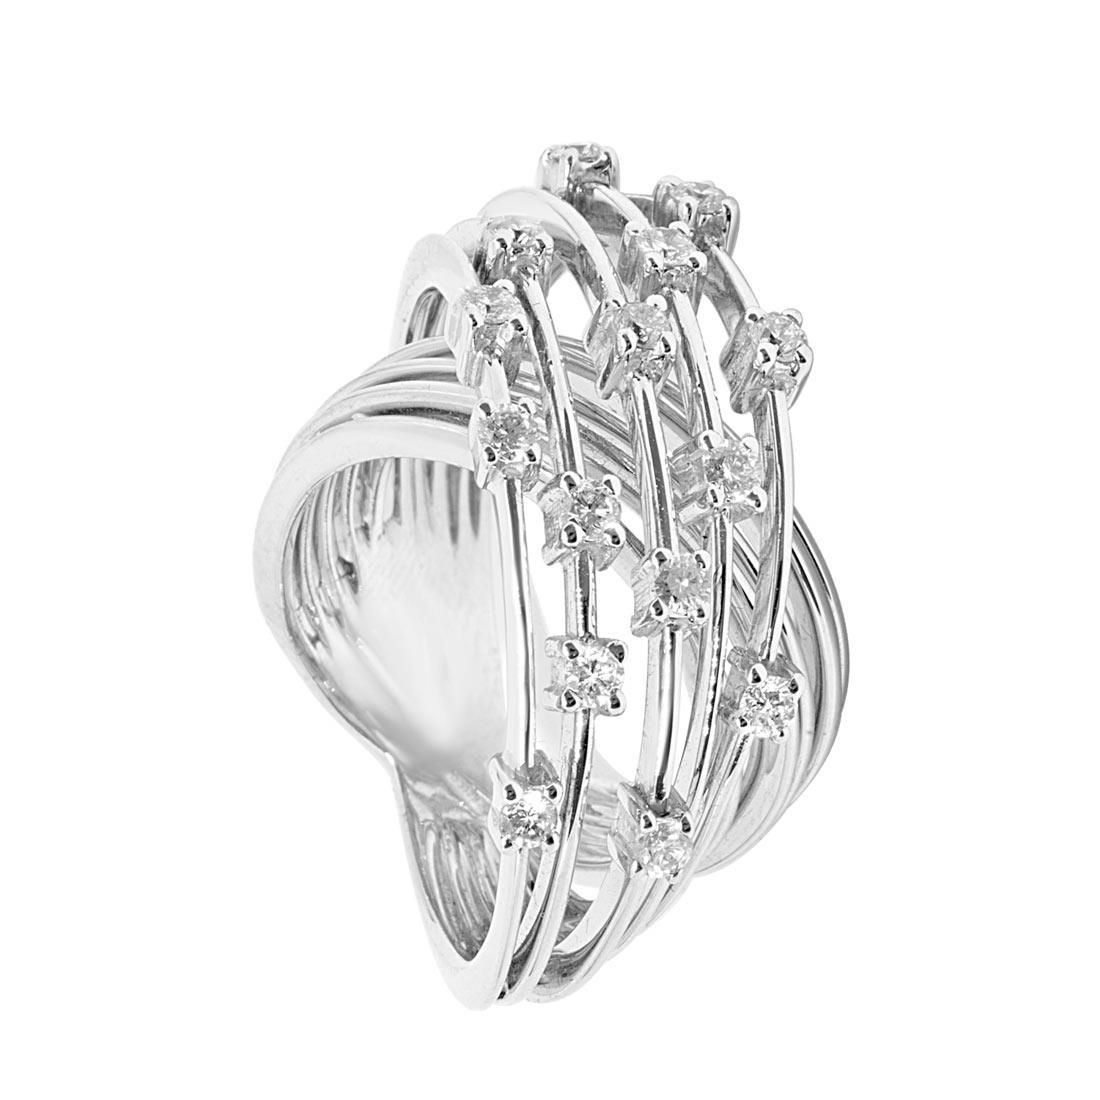 Anello Oro & Co in oro bianco con diamanti 0.61 ct, misura 13 - ORO&CO